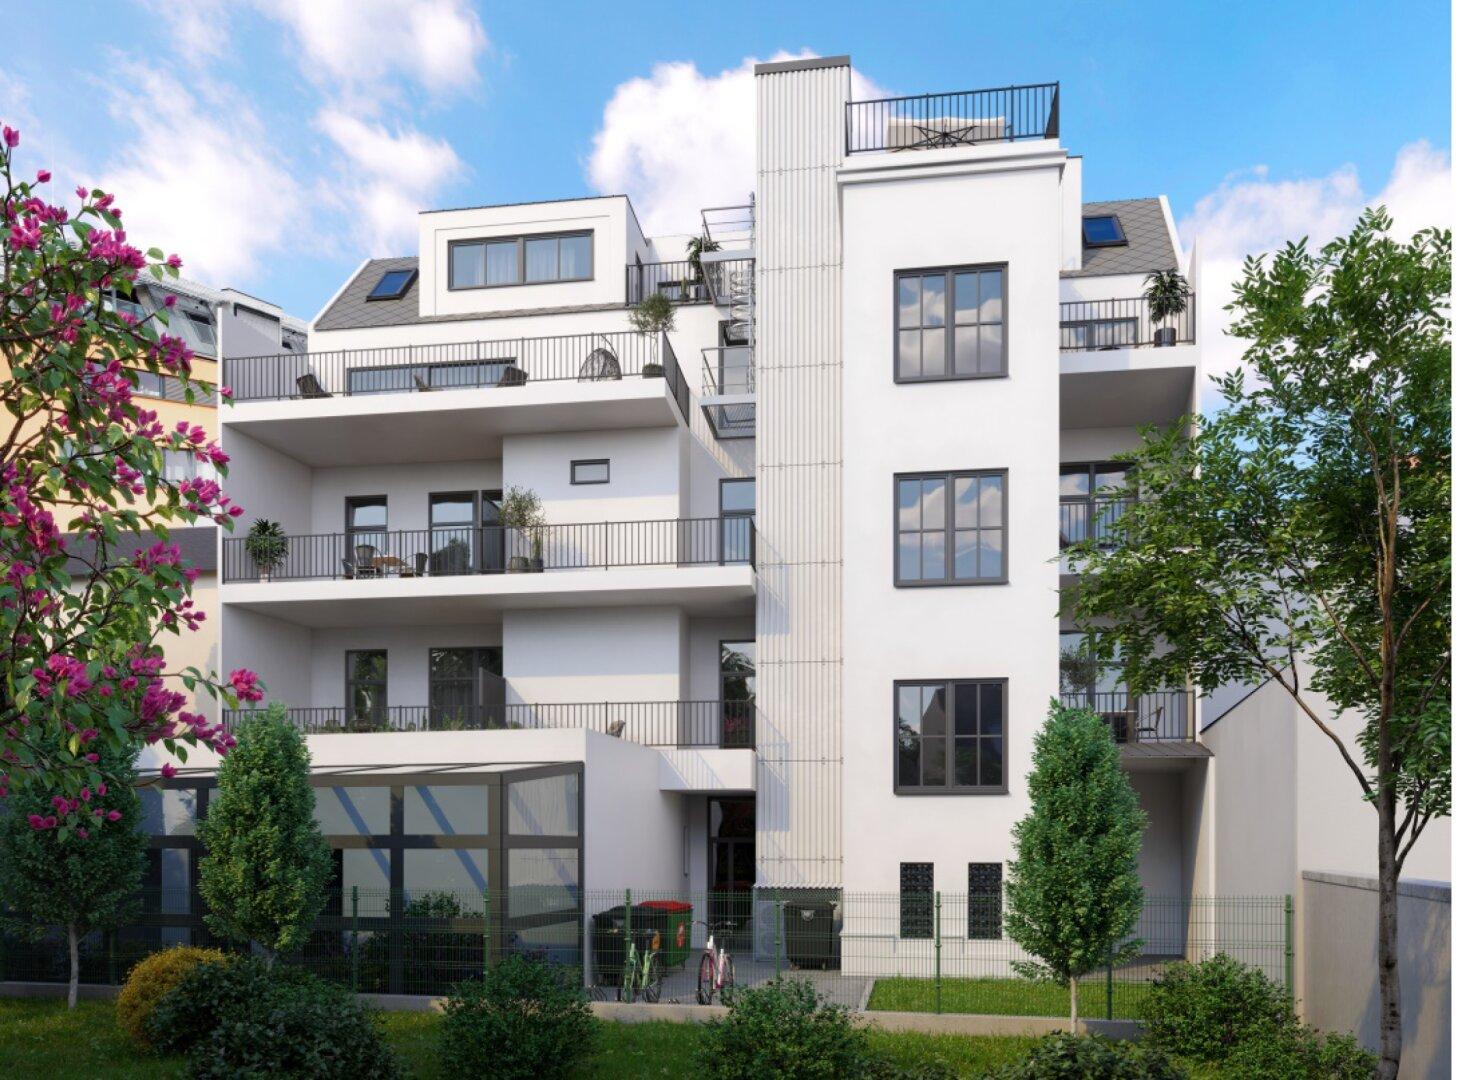 Modern Wohnen mit Altbaucharme - hochwertig sanierte Wohnungen mit Freiflächen (Projektansicht)